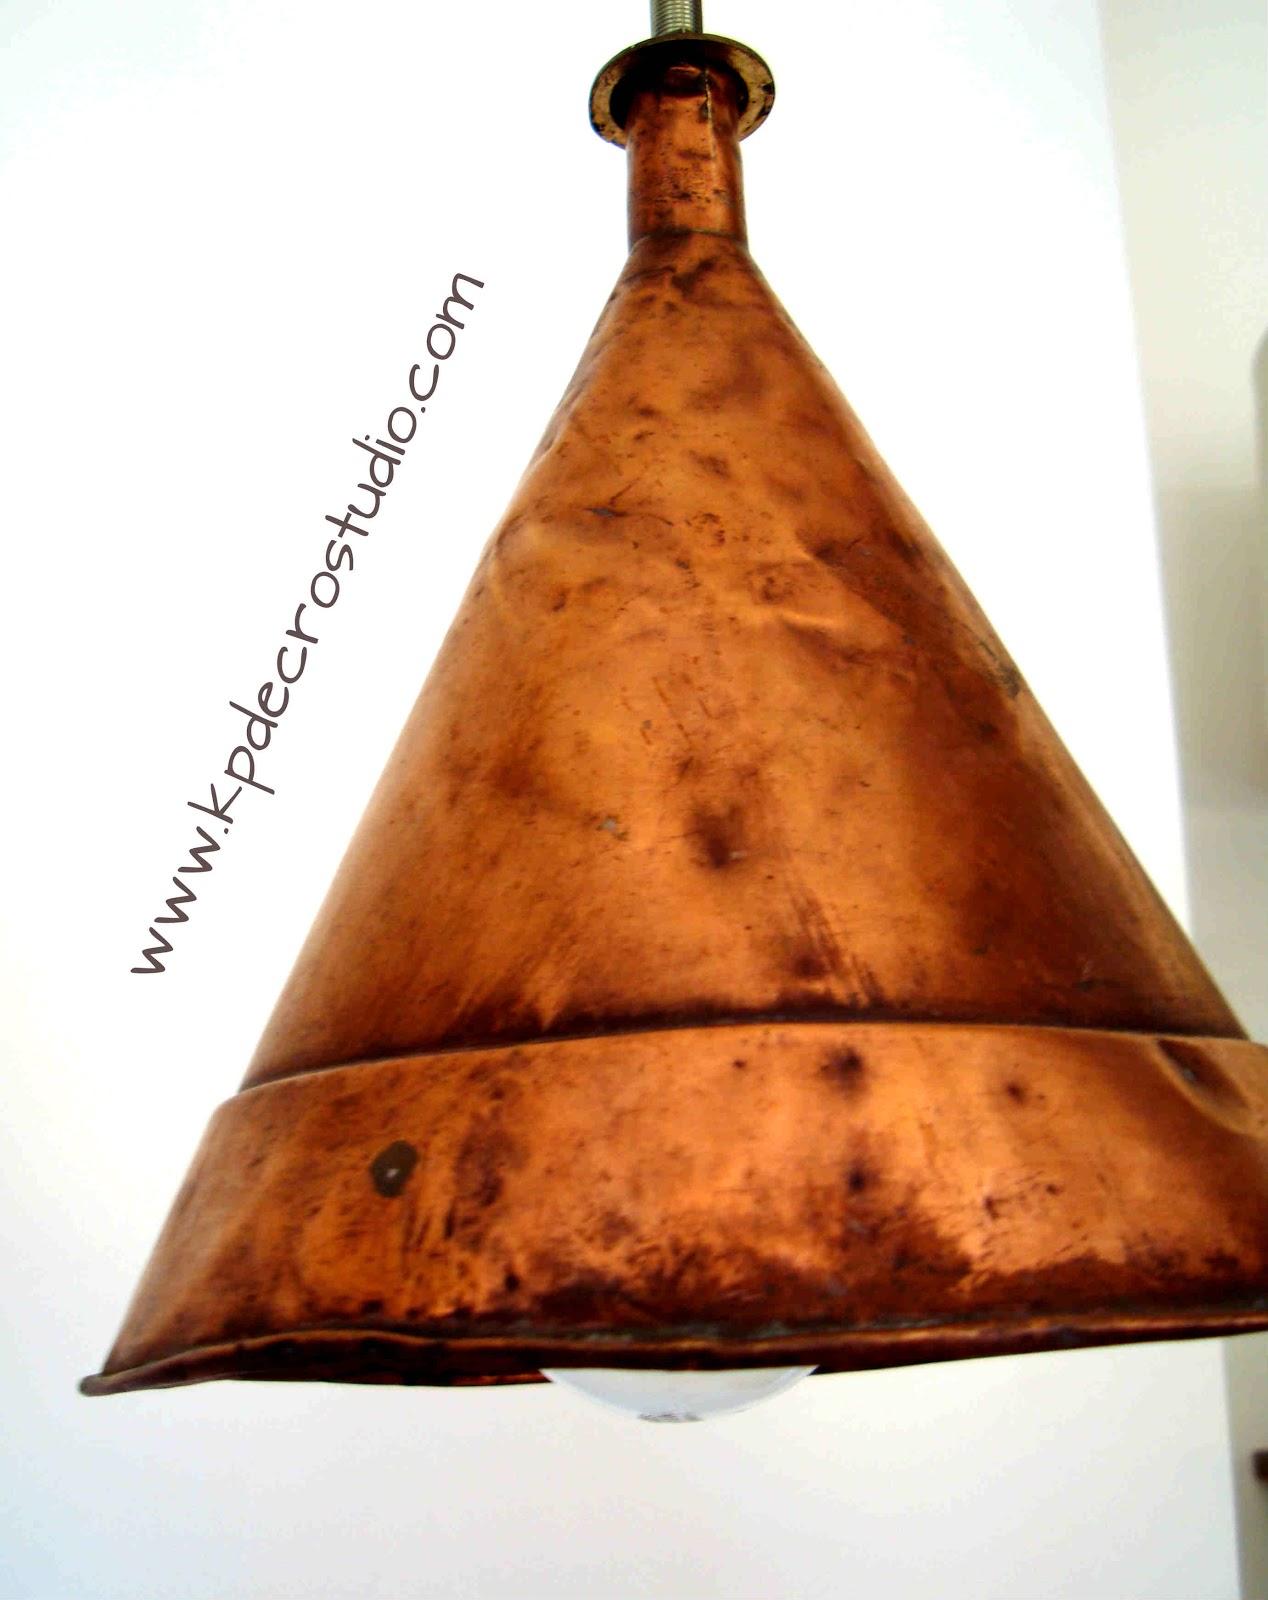 Kp tienda vintage online l mpara de fabricaci n artesanal for Lamparas segunda mano